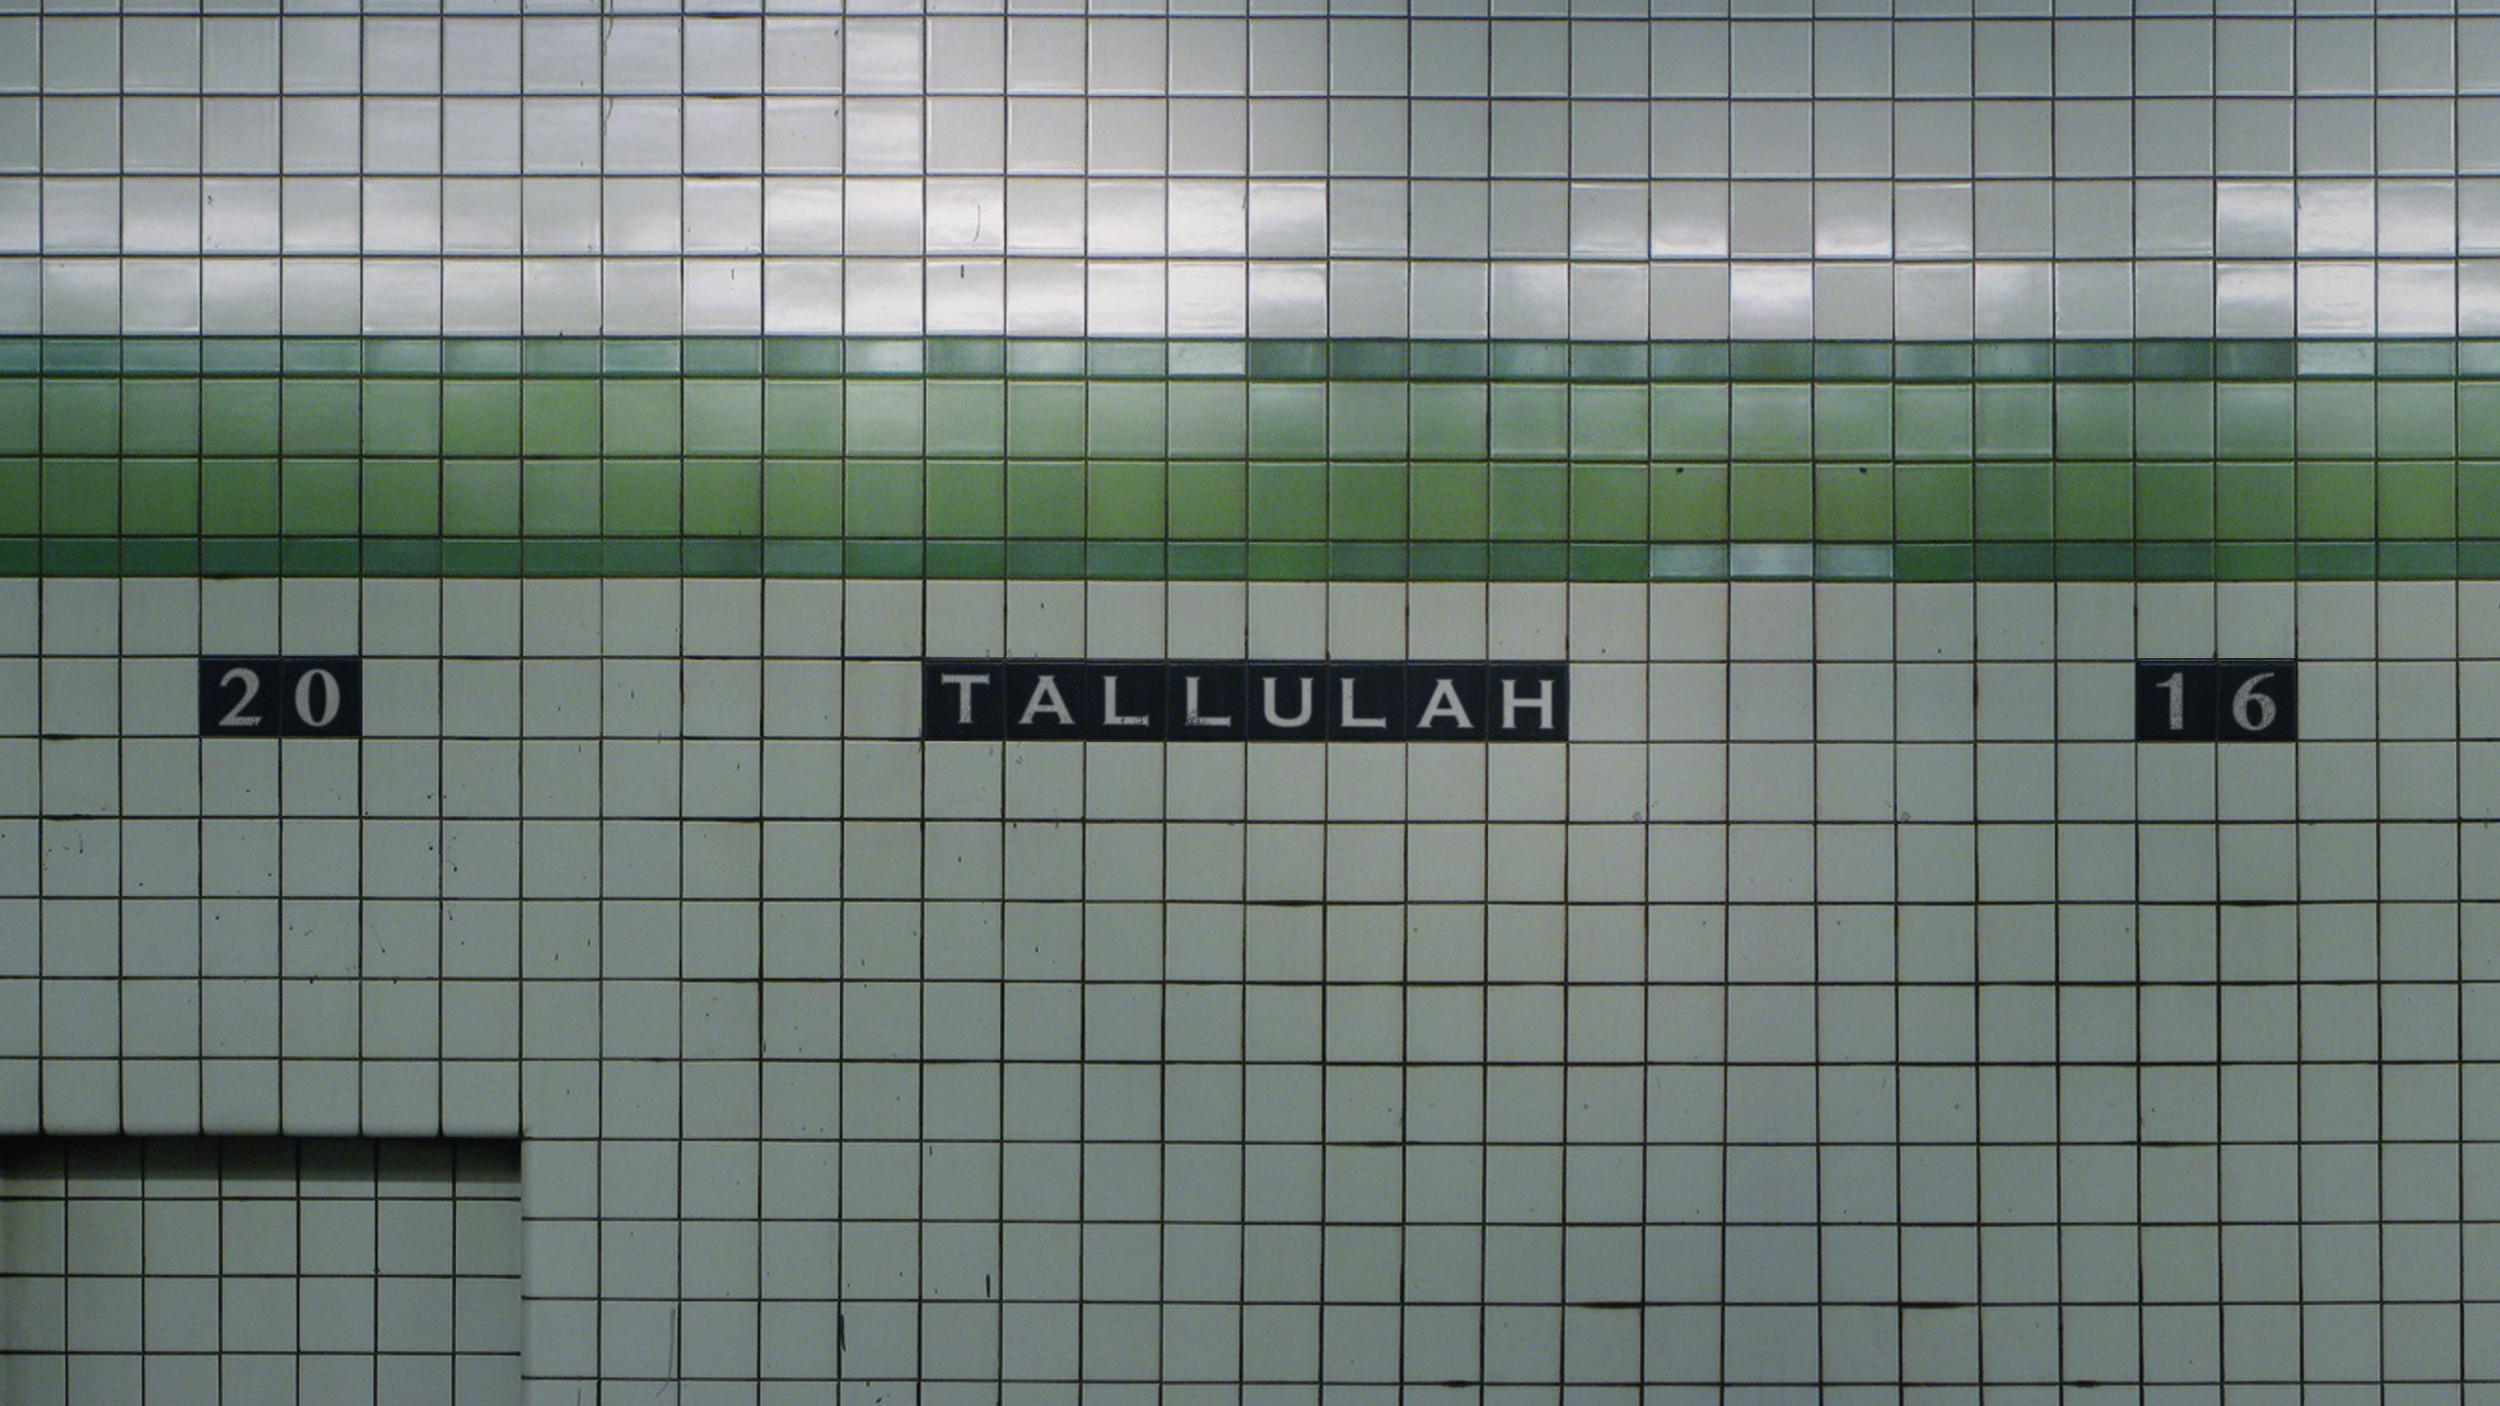 TALLULAH_Subway_Tallulah_v004.jpg